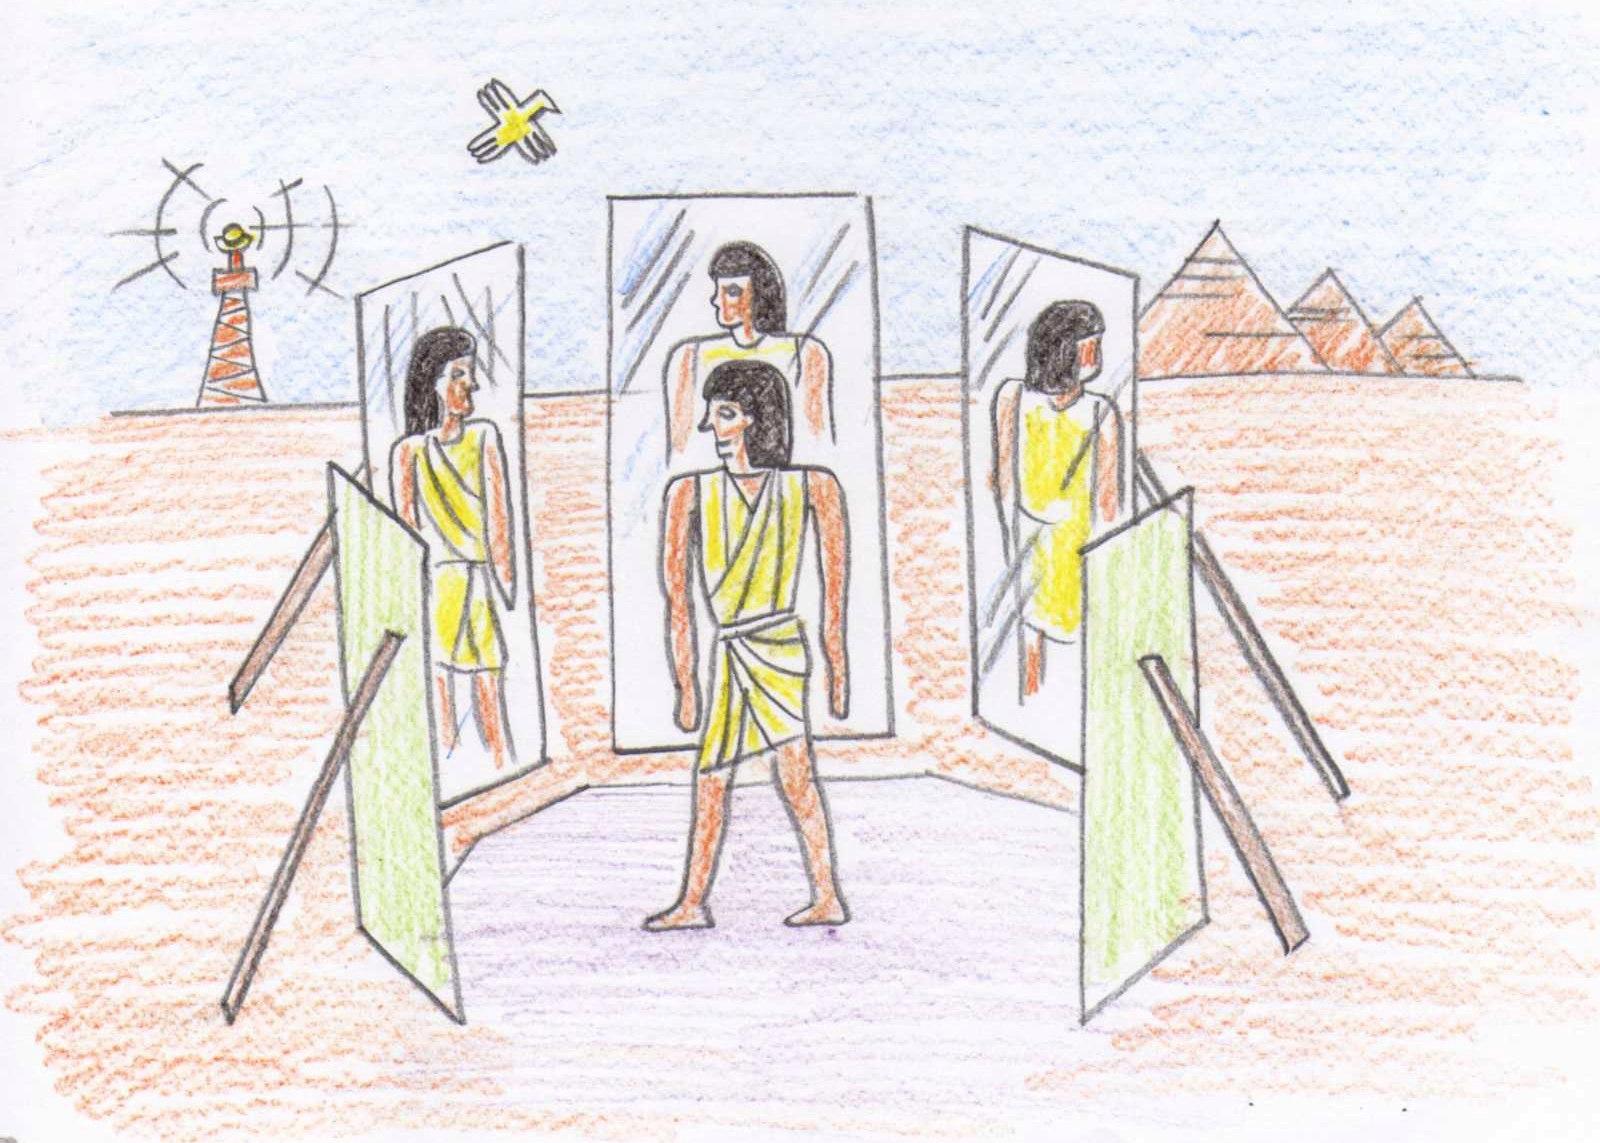 Психология убеждения. Как убеждать других и уметь распознавать манипуляции - 8